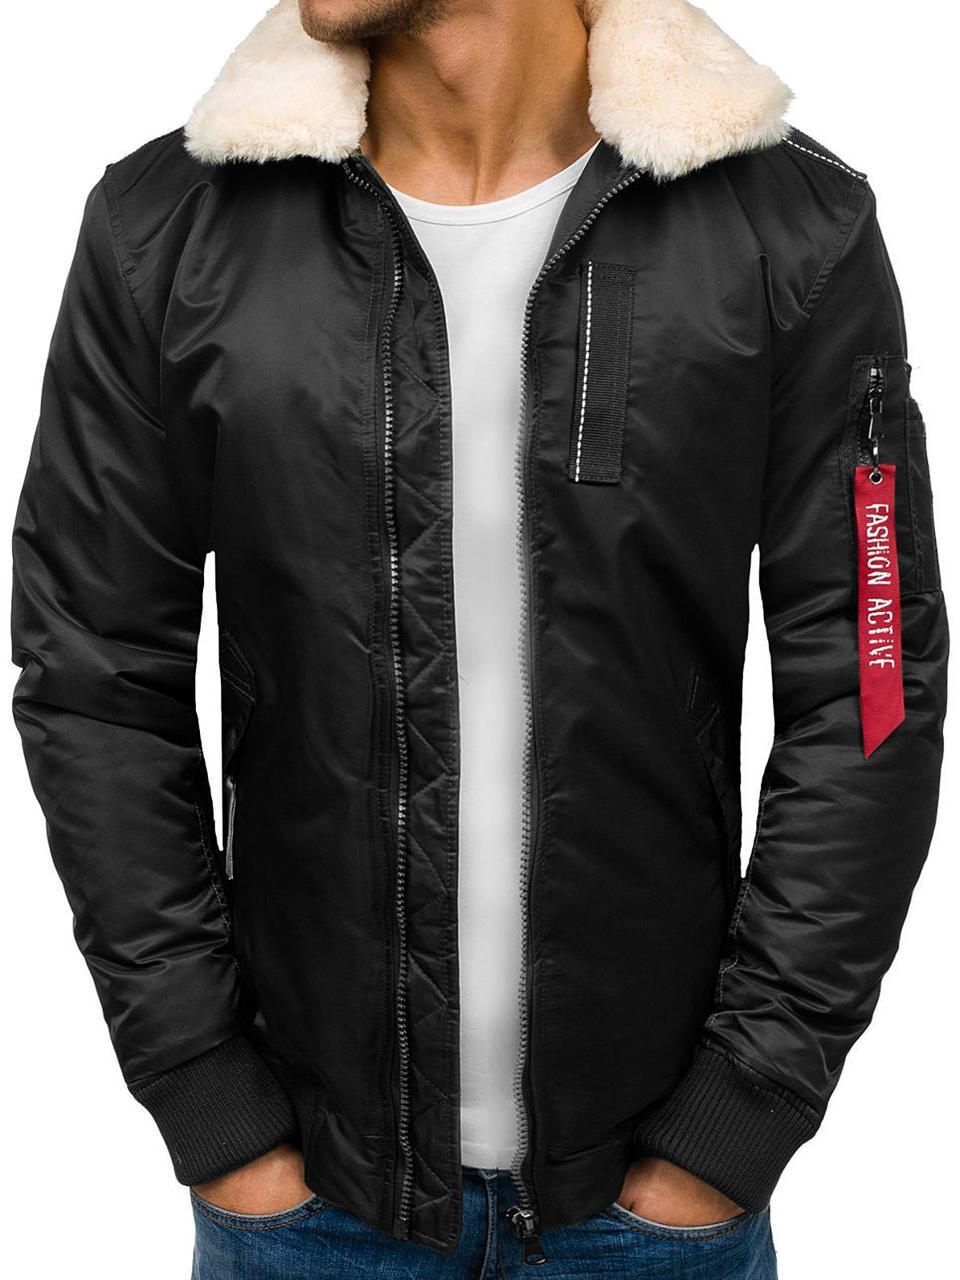 fe019add915 Мужская зимняя куртка пилот черная до -10 - Arvisa - интернет-магазин  бескаркасной мебели